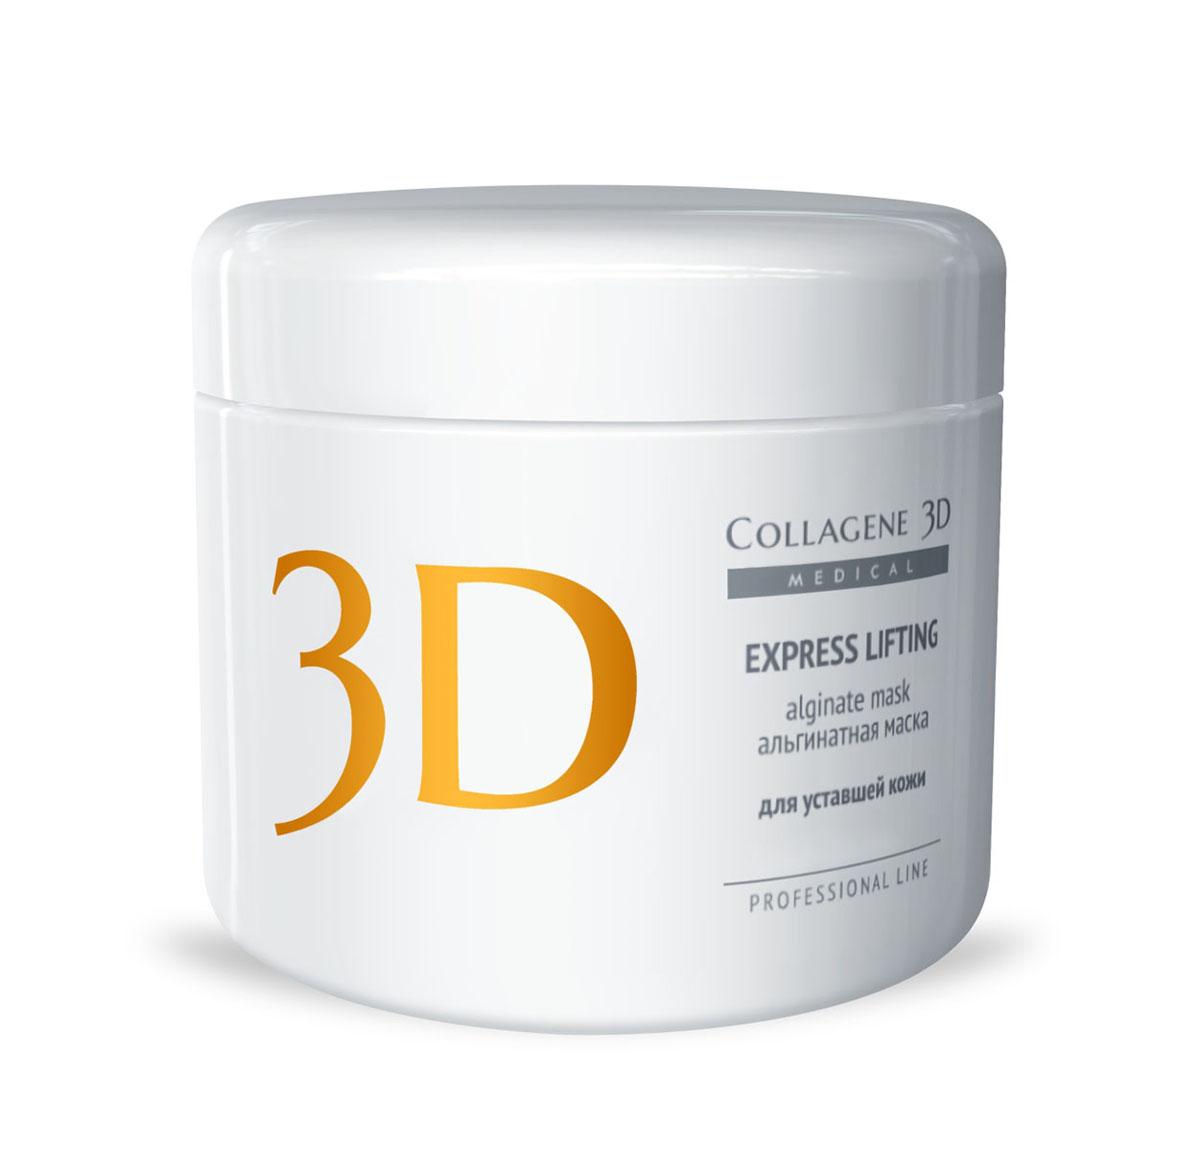 Medical Collagene 3D Альгинатная маска для лица и тела Express Lifting, 200 г medical collagene 3d купить в москве